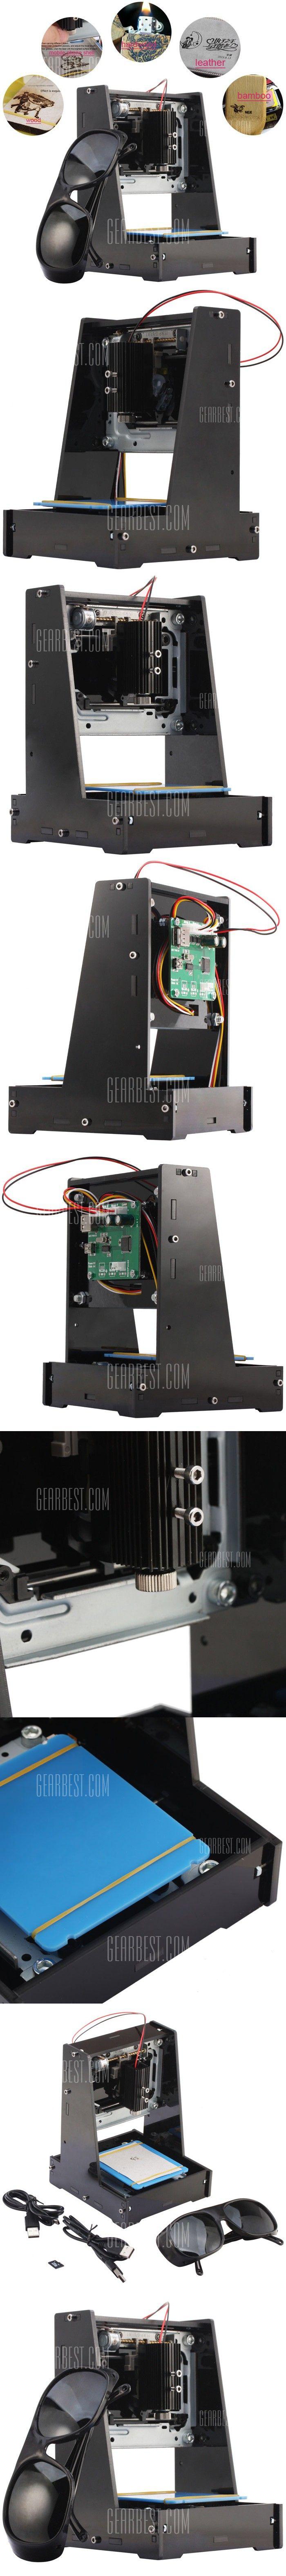 NEJE JZ-5 Mini Laser Engraving Machine